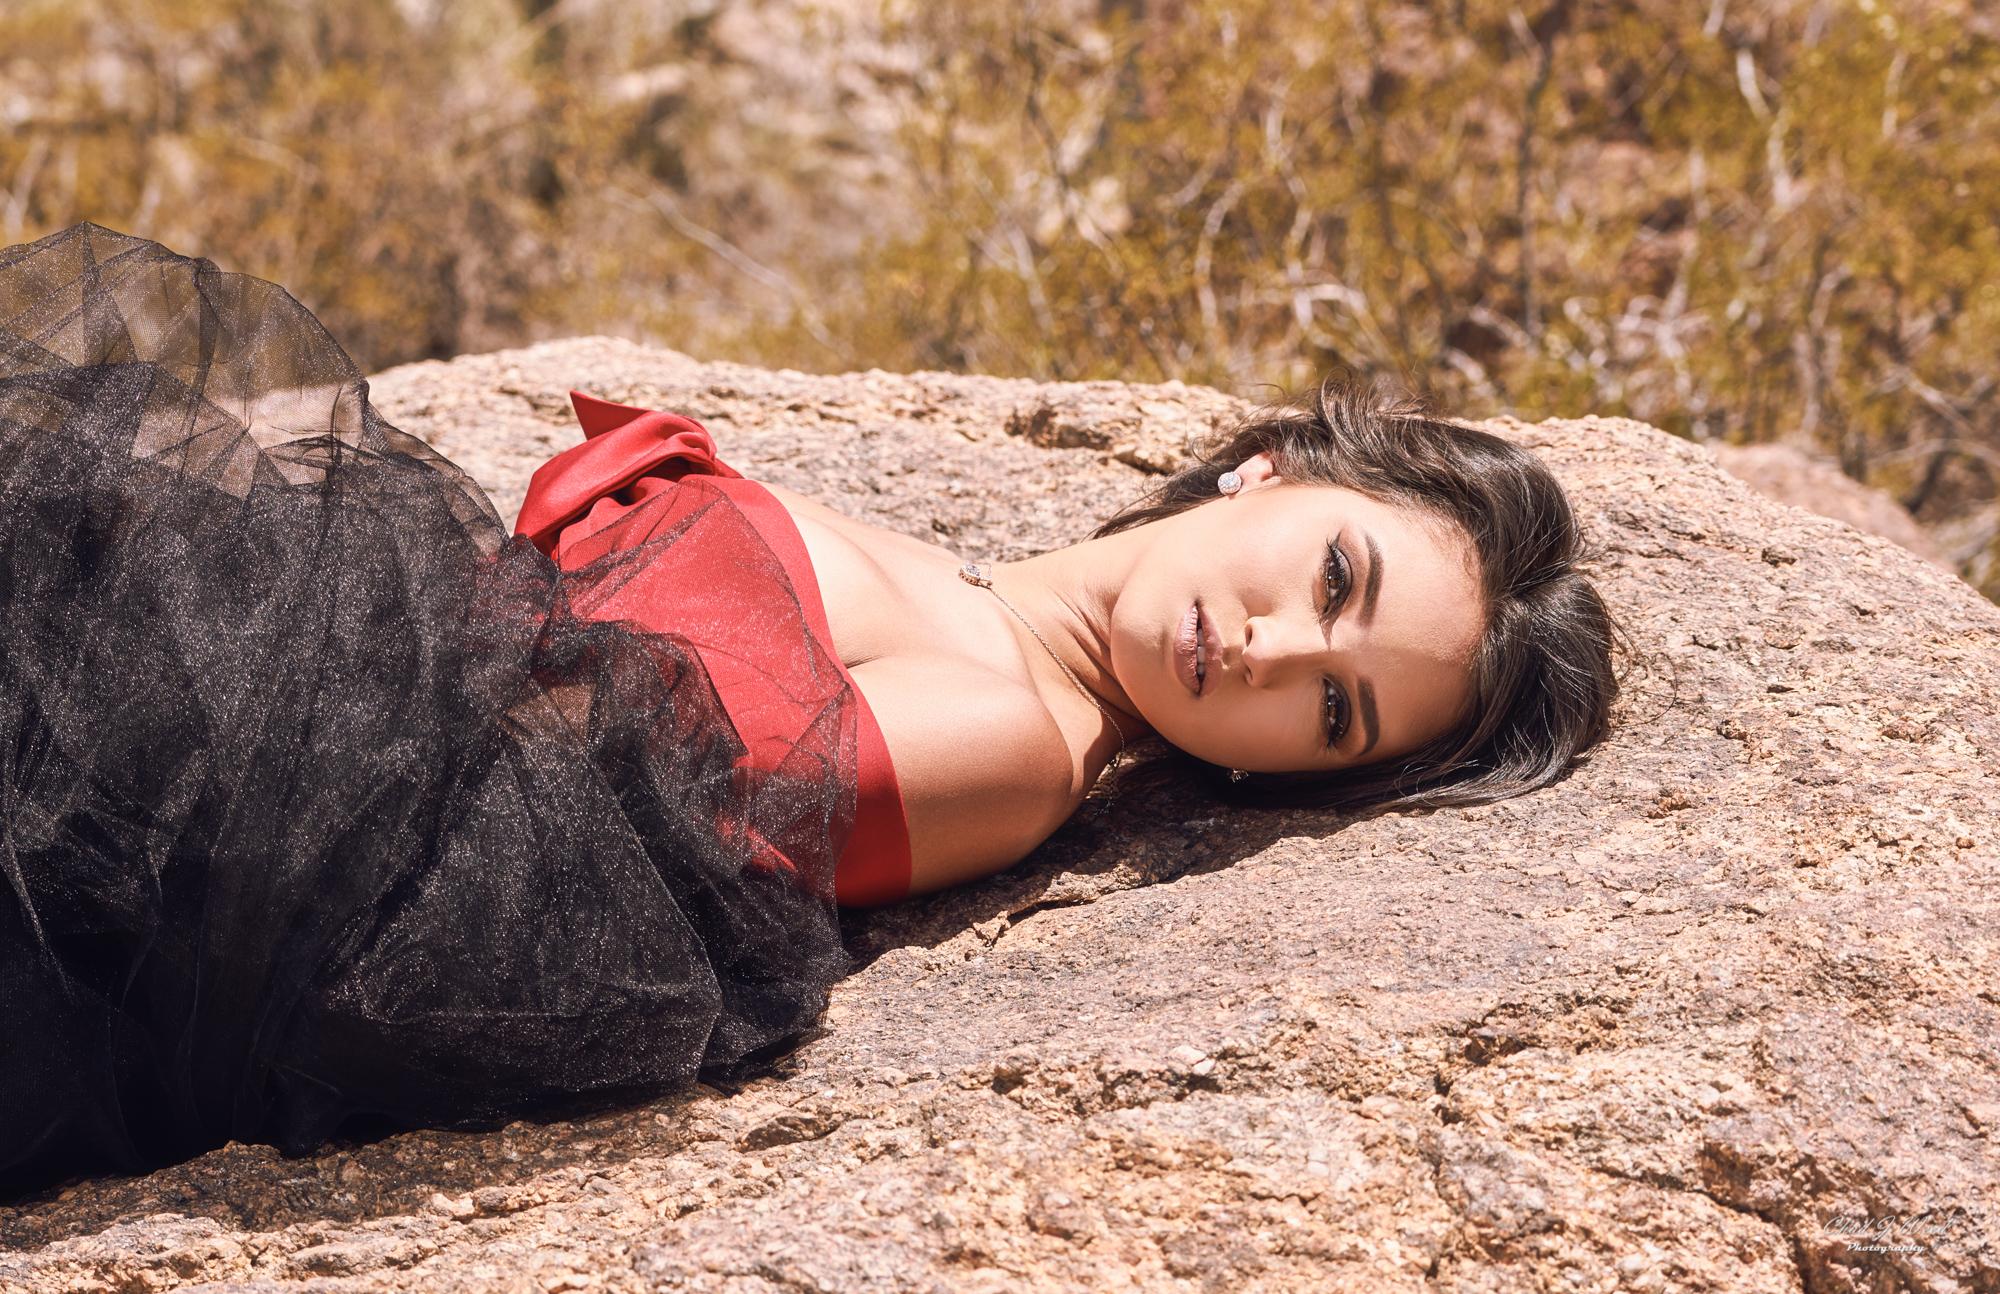 Zari Fashion Model by Arizona Fashion Photographer Chad Weed